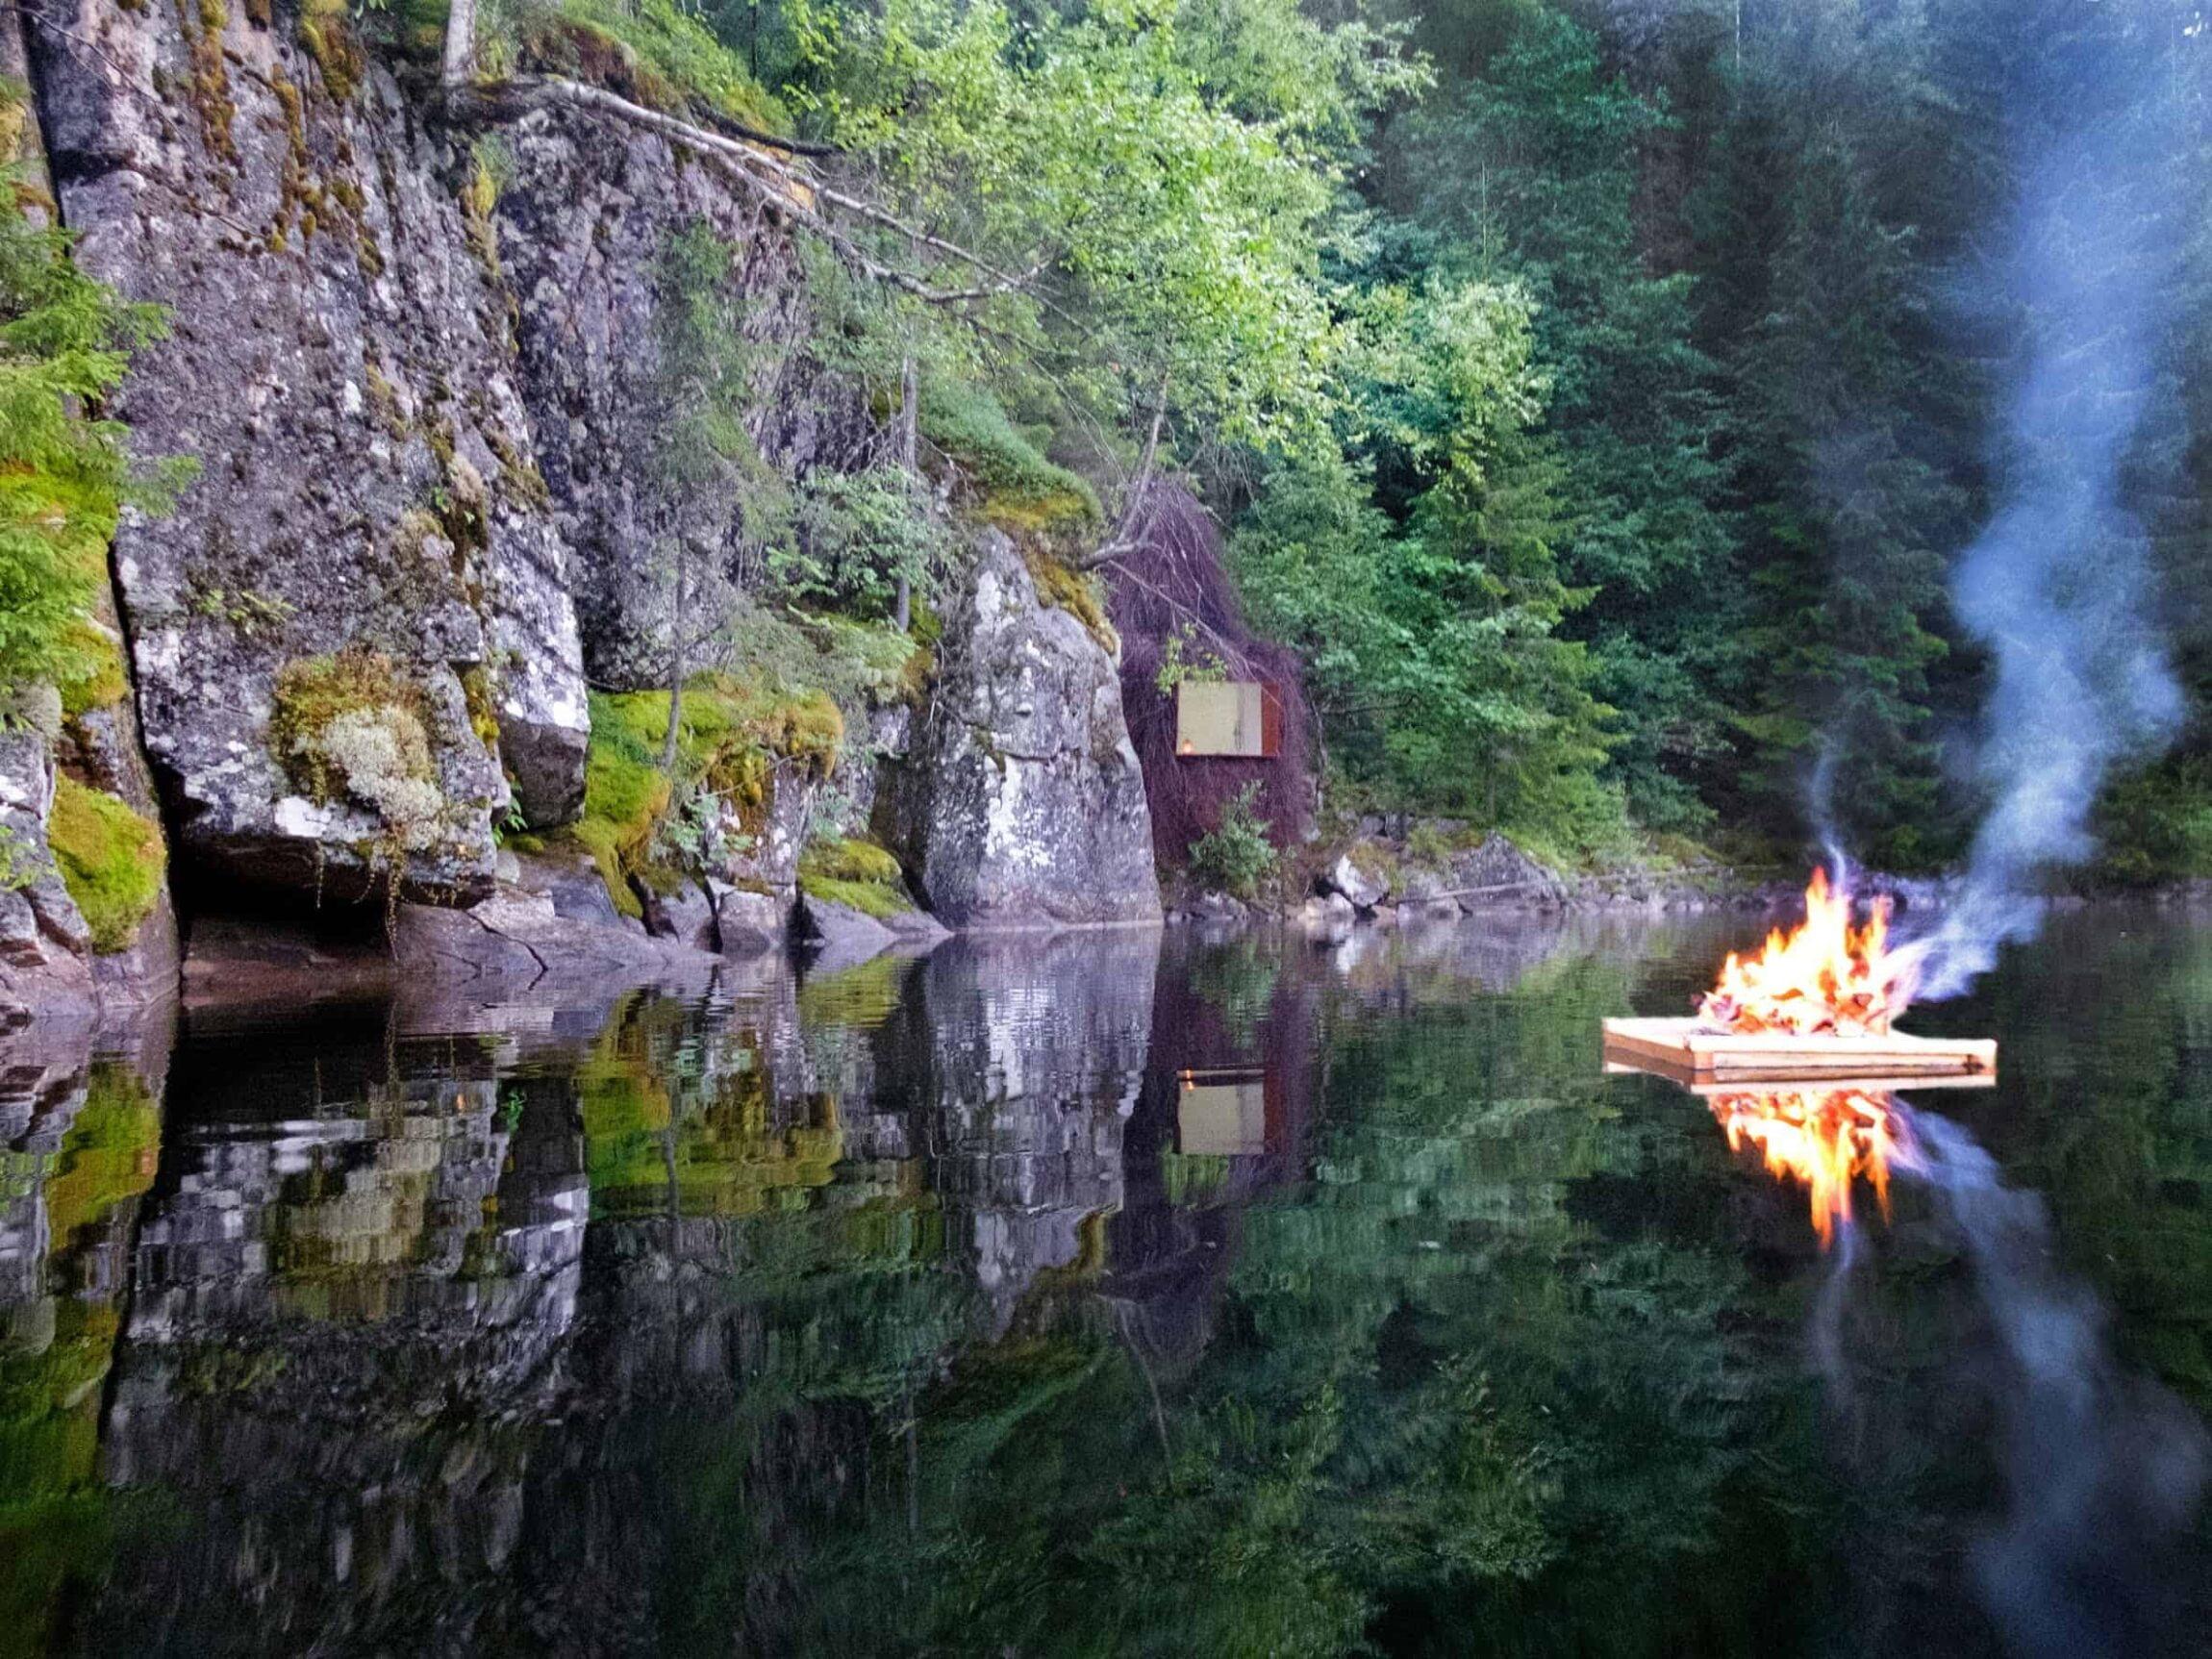 verborgen hut in de Noorse natuur